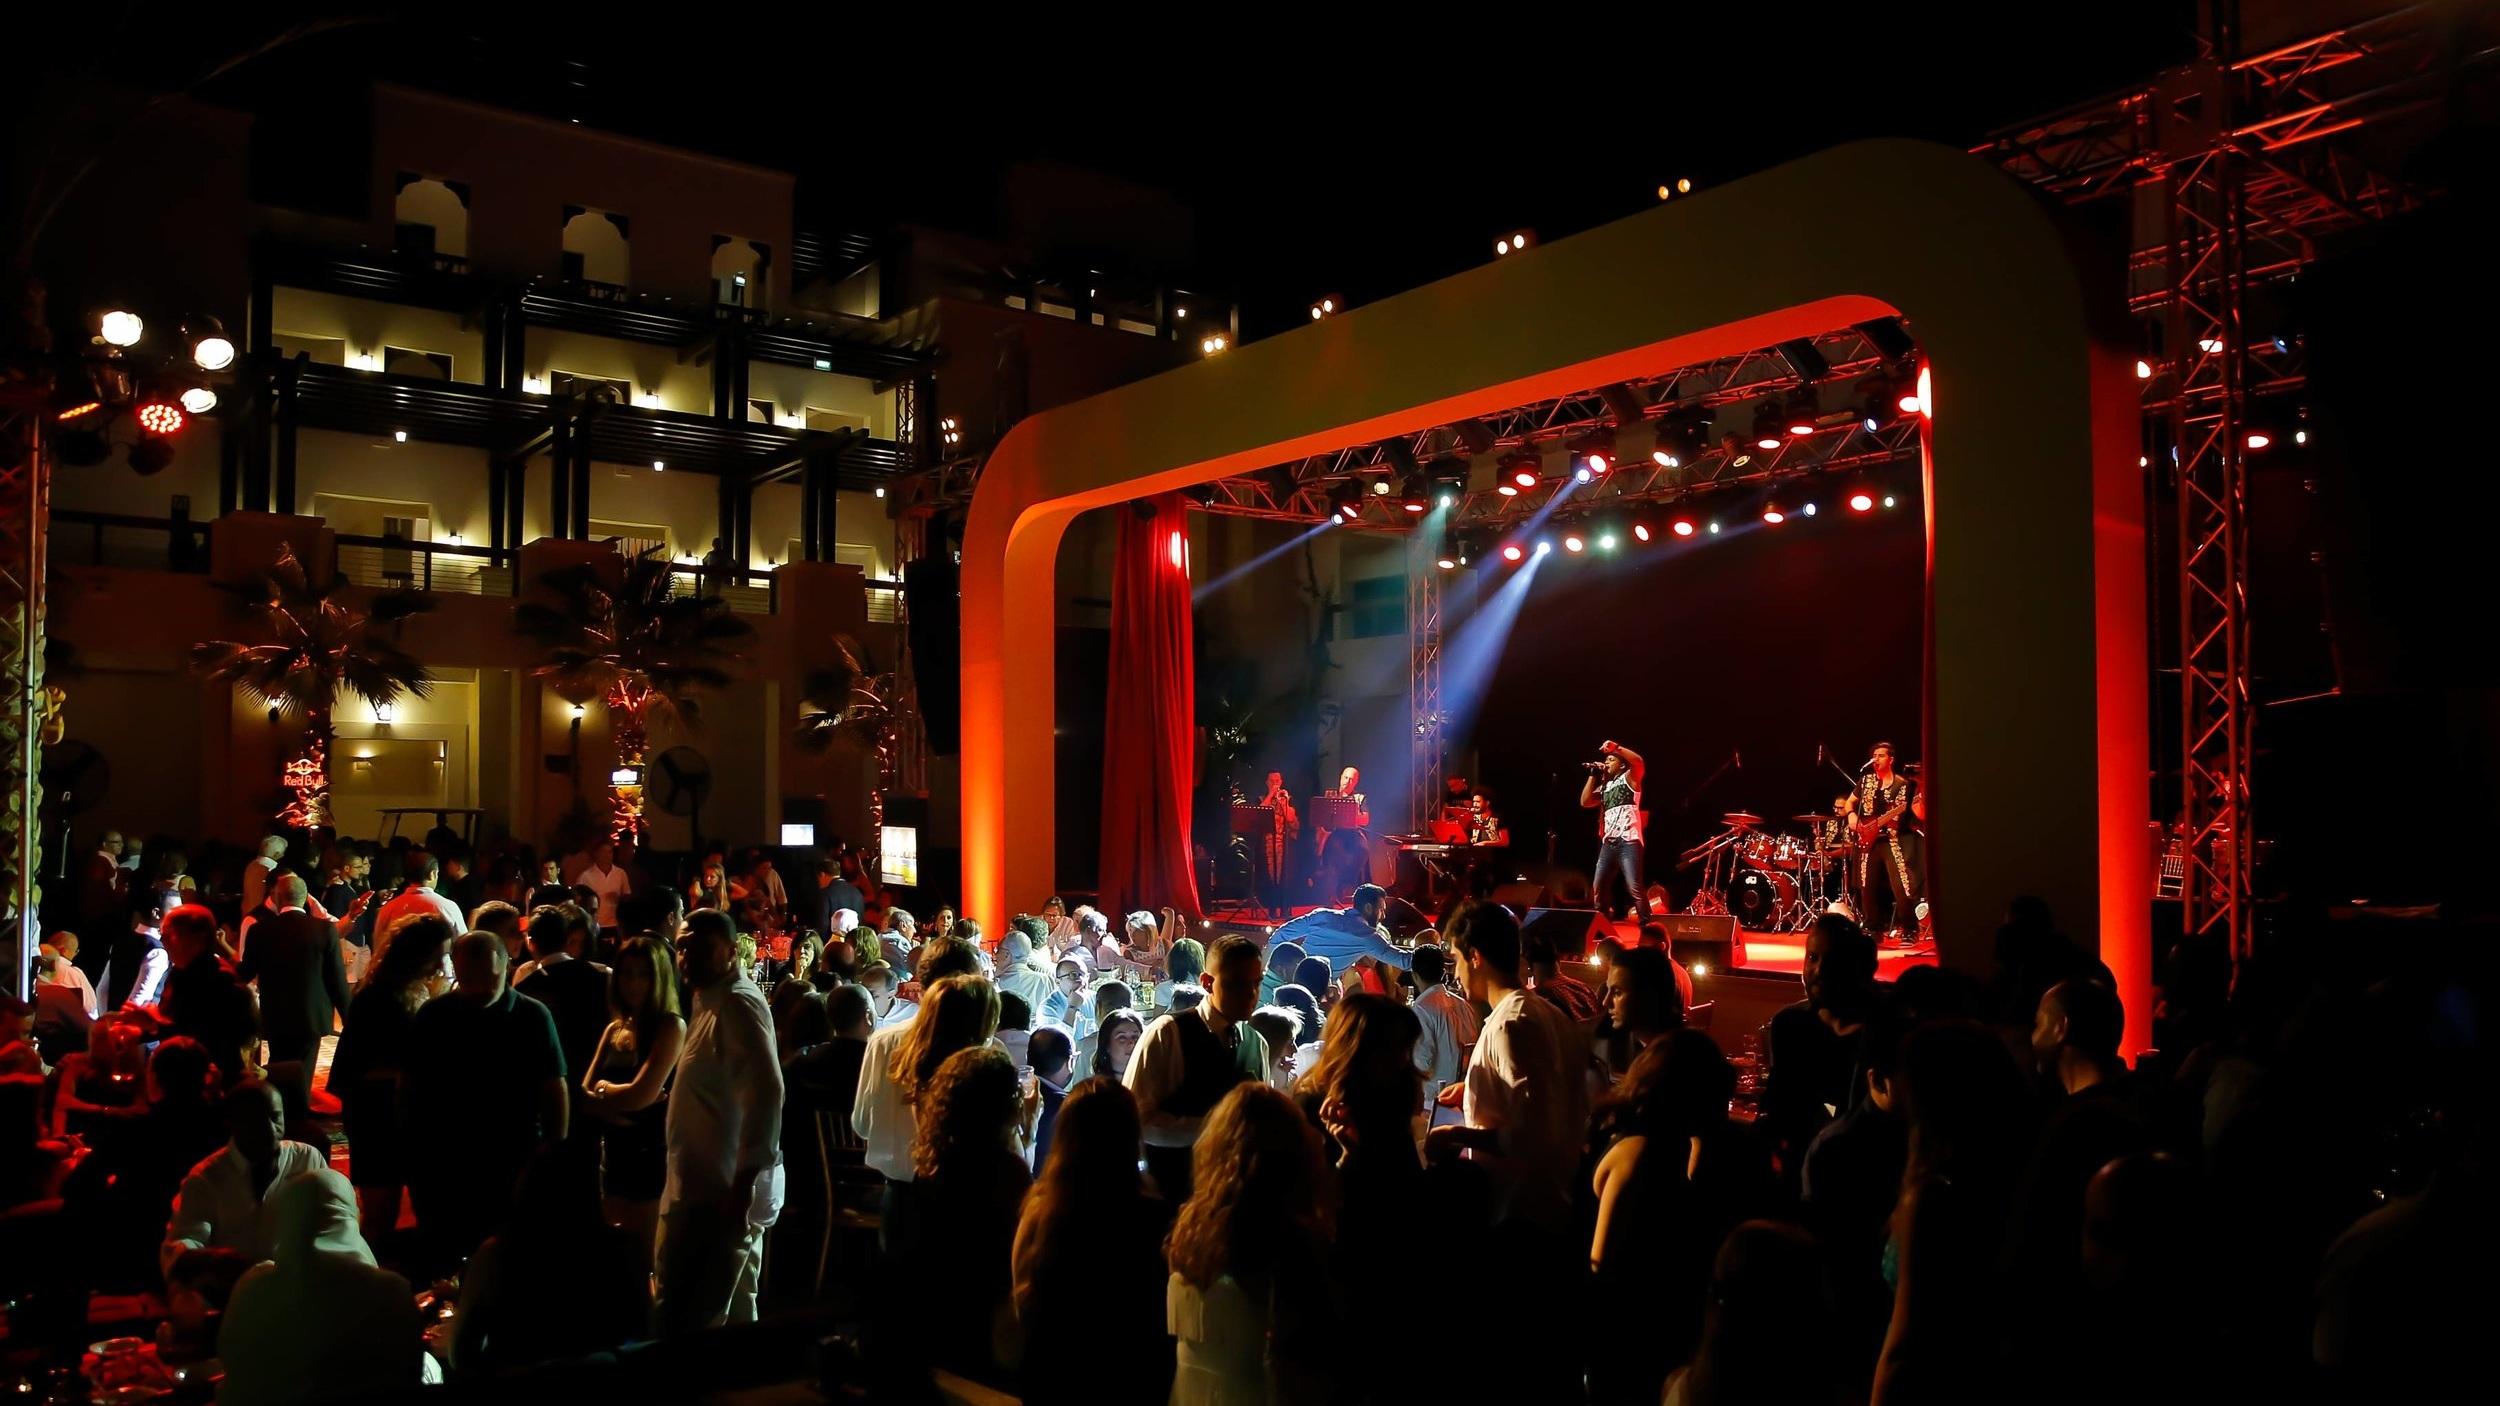 MUSICHALL Tawila Launch El Gouna Orascom Developments byganz 2018